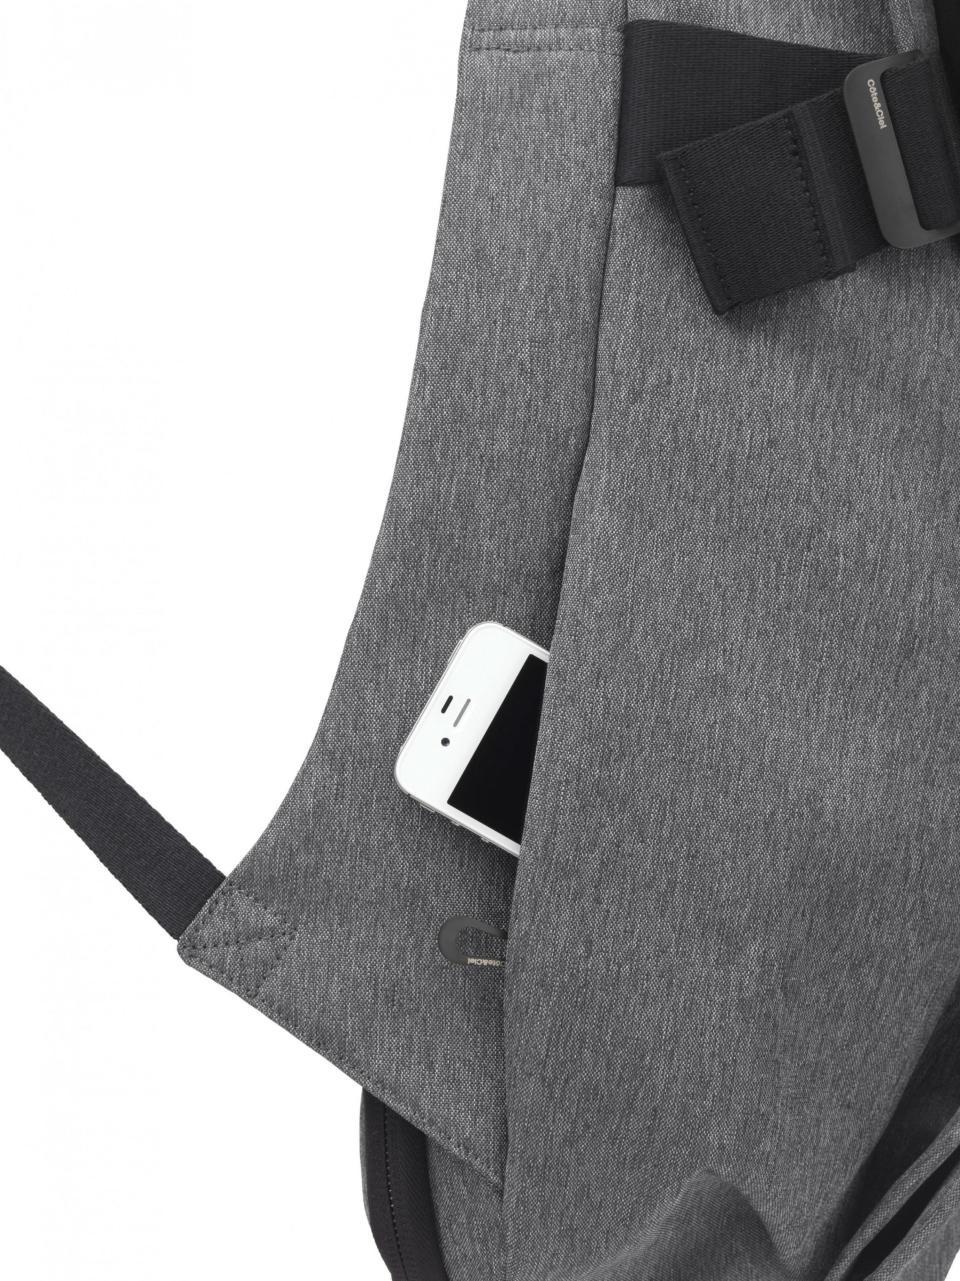 今、ビジネスマンが最も使うべきリュック:スーツに映える「cote&ciel」の革新的なデザイン 7番目の画像